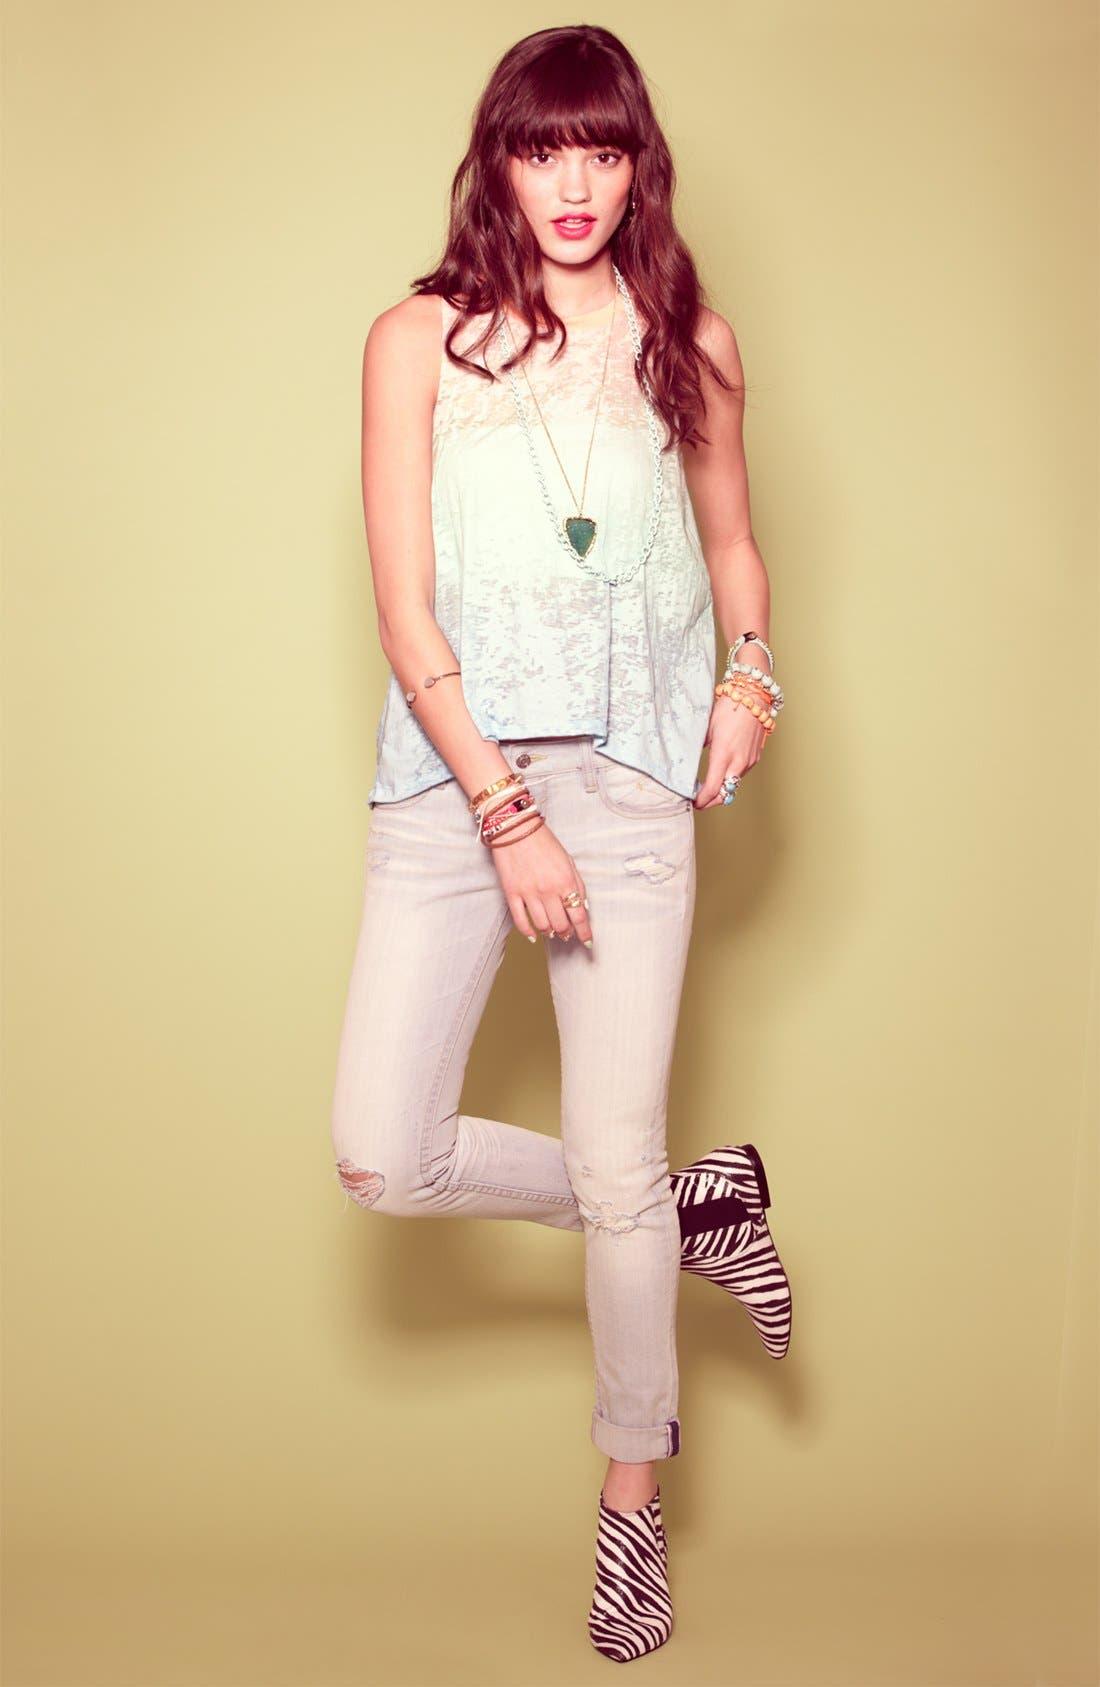 Alternate Image 1 Selected - Robin K Tee & Vigoss Jeans